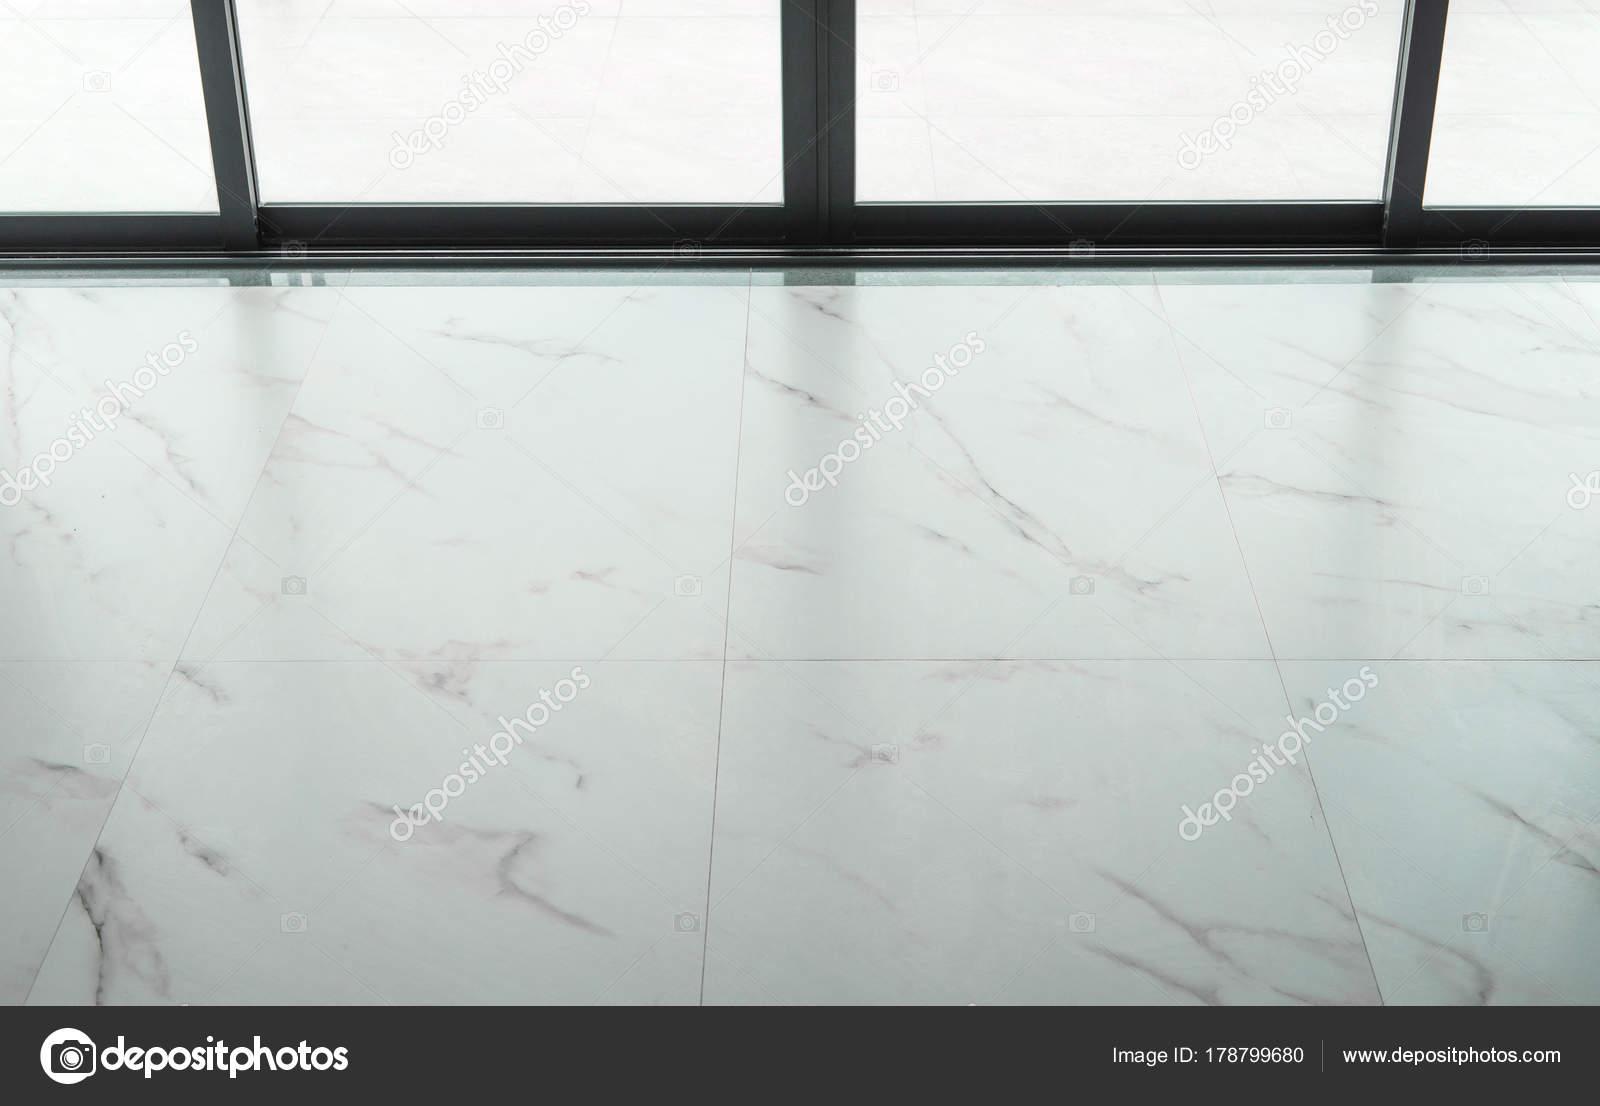 Fußboden Fliesen Marmor ~ Marmor bodenfliesen in der glastür u2014 stockfoto © kitthanes r.hotmail